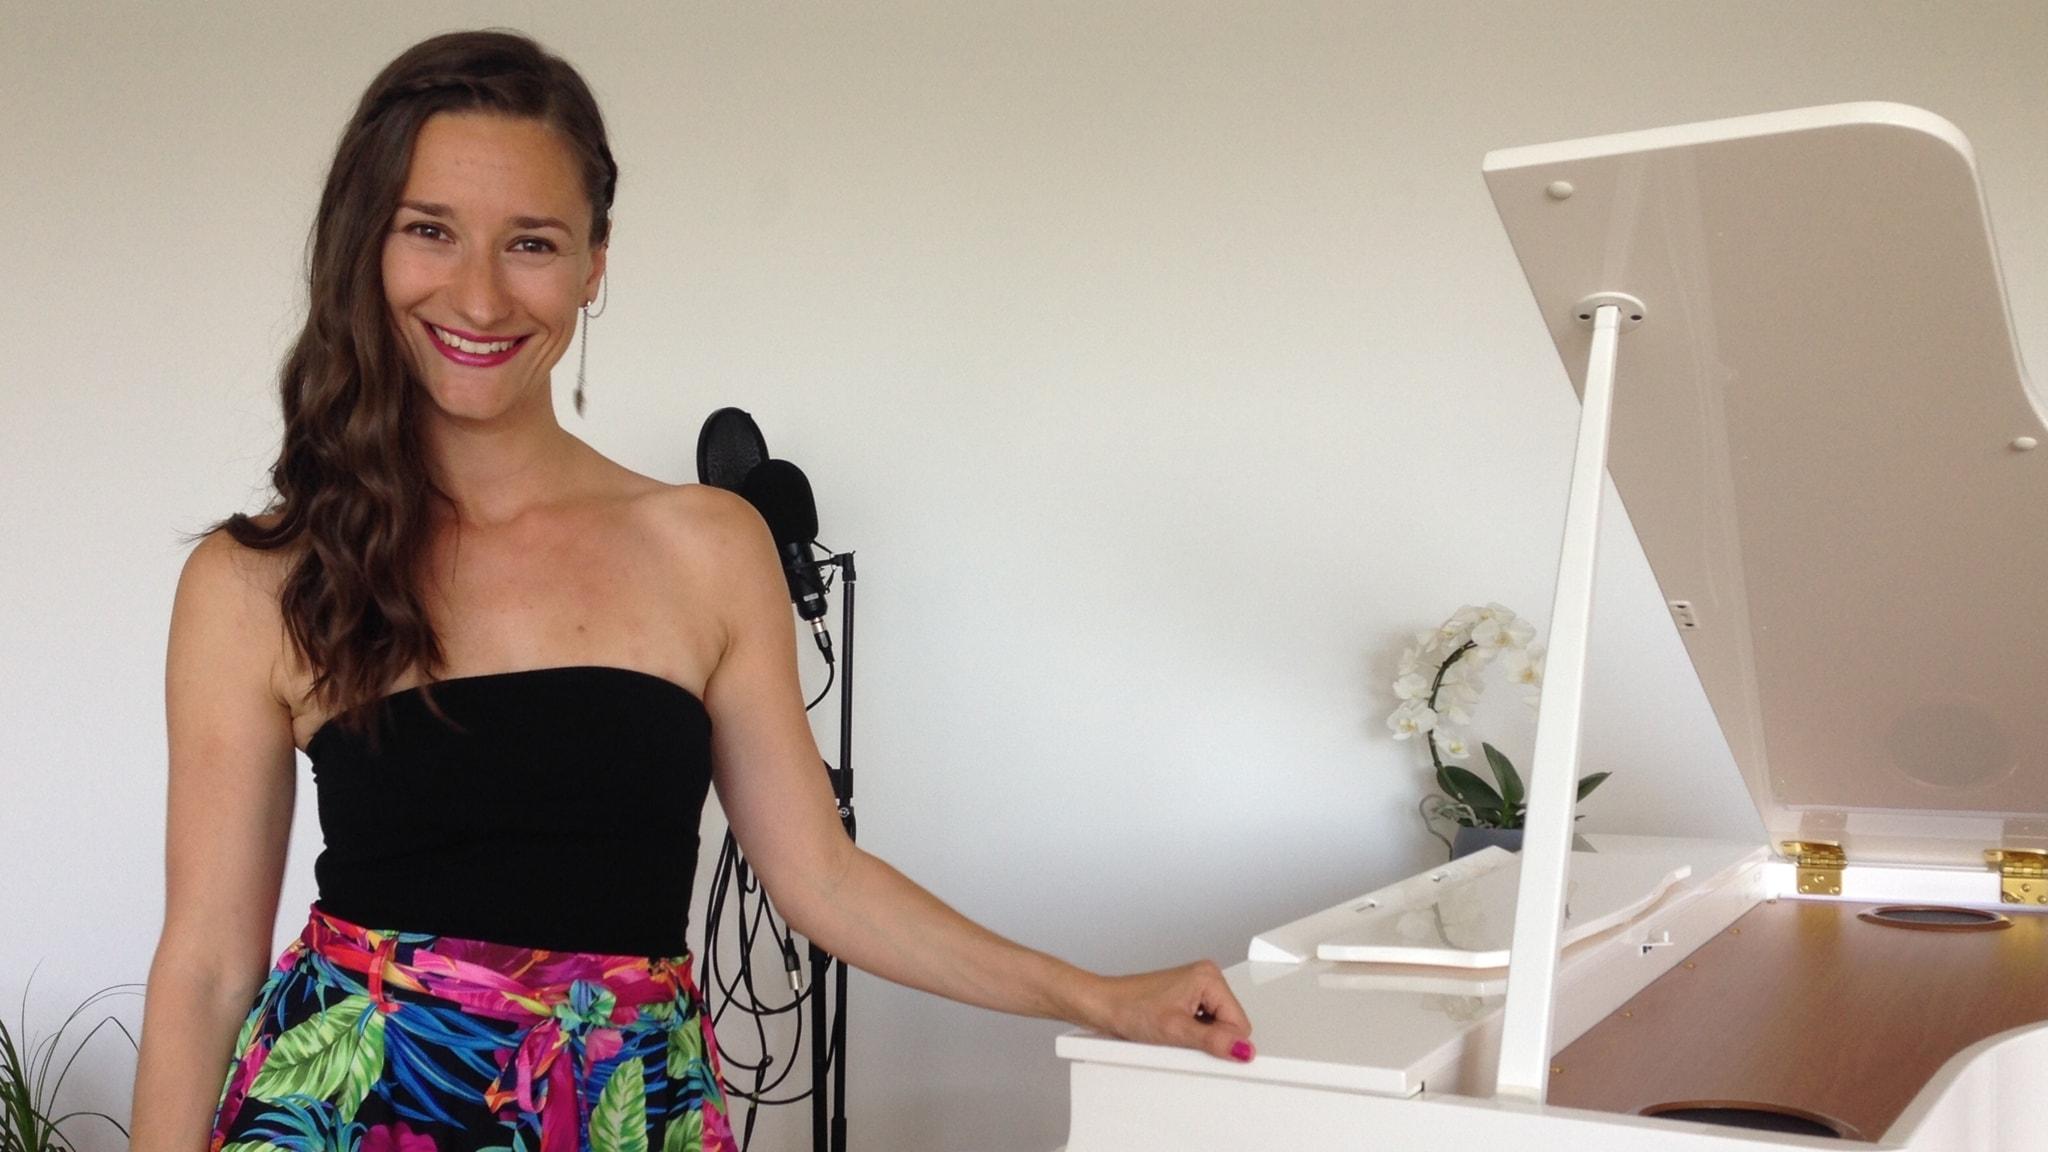 #Kielipuoli puhuu kidishiä ja kuuntelee tšekkiläisen suomalaista laulua